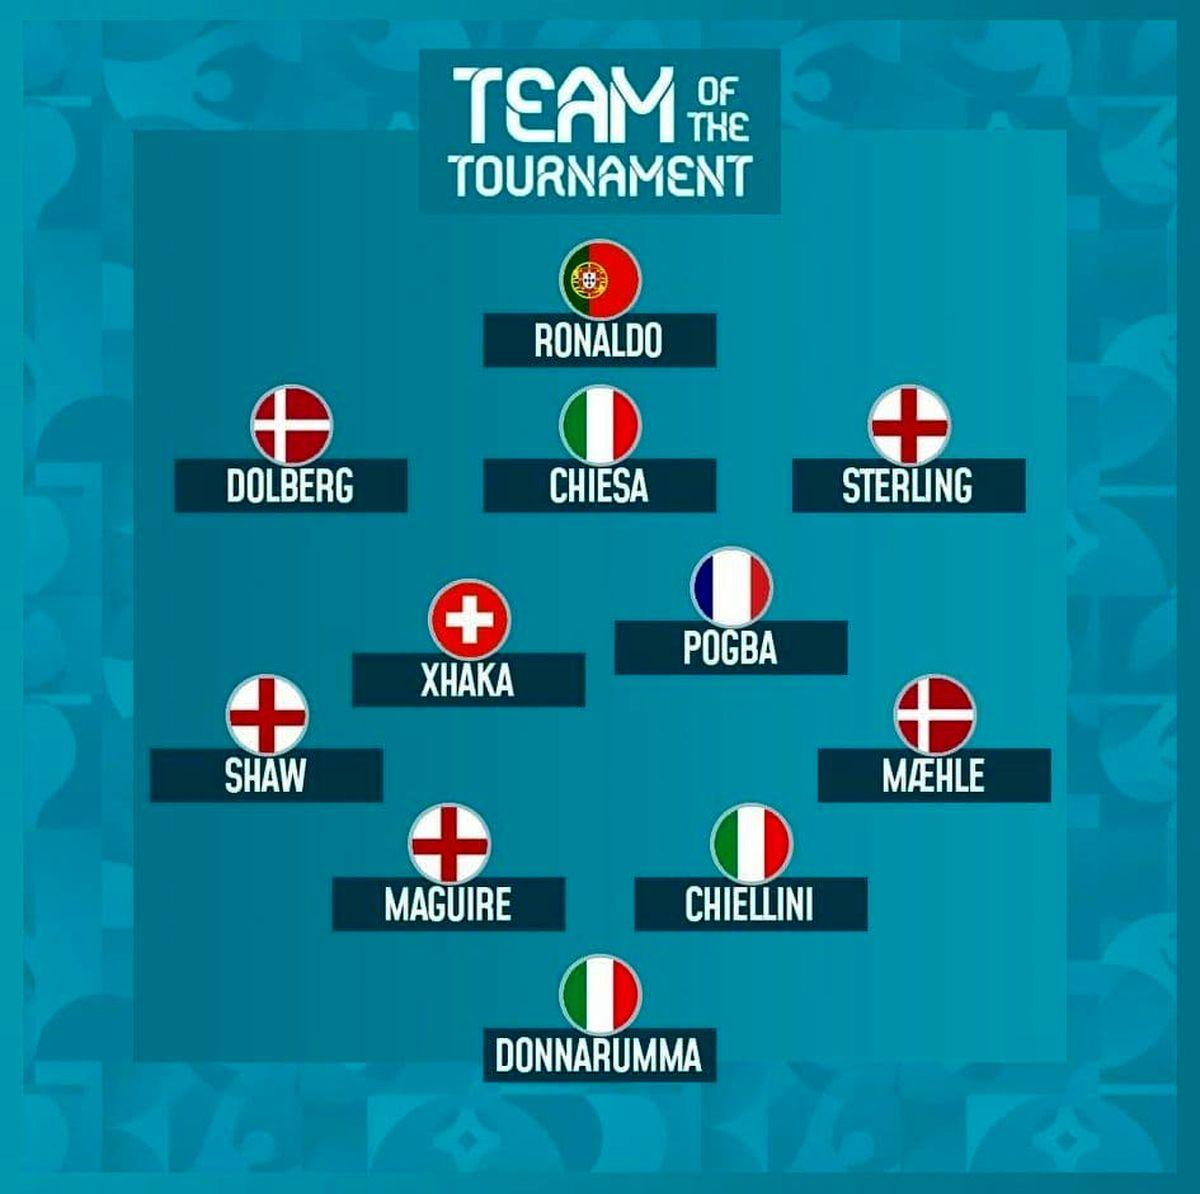 11 بازیکن منتخب یورو 2020 معرفی شدند